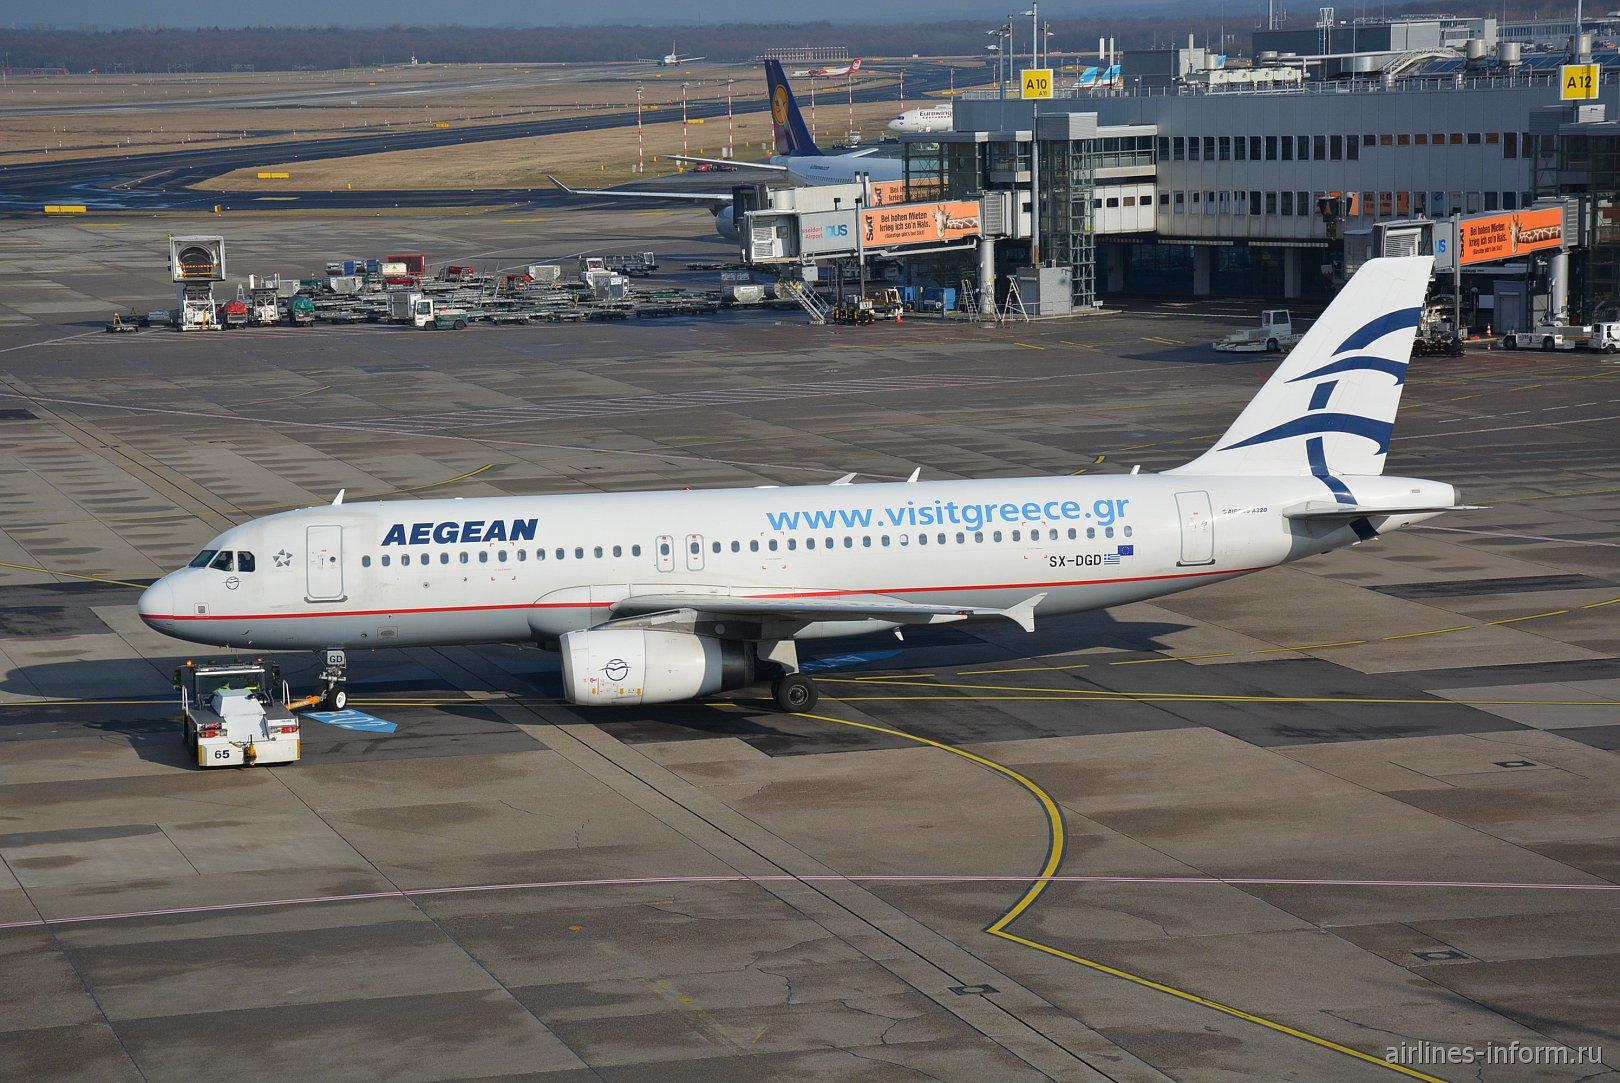 Airbus A320 SX-DGD Эгейских авиалиний в аэропорту Дюссельдорфа